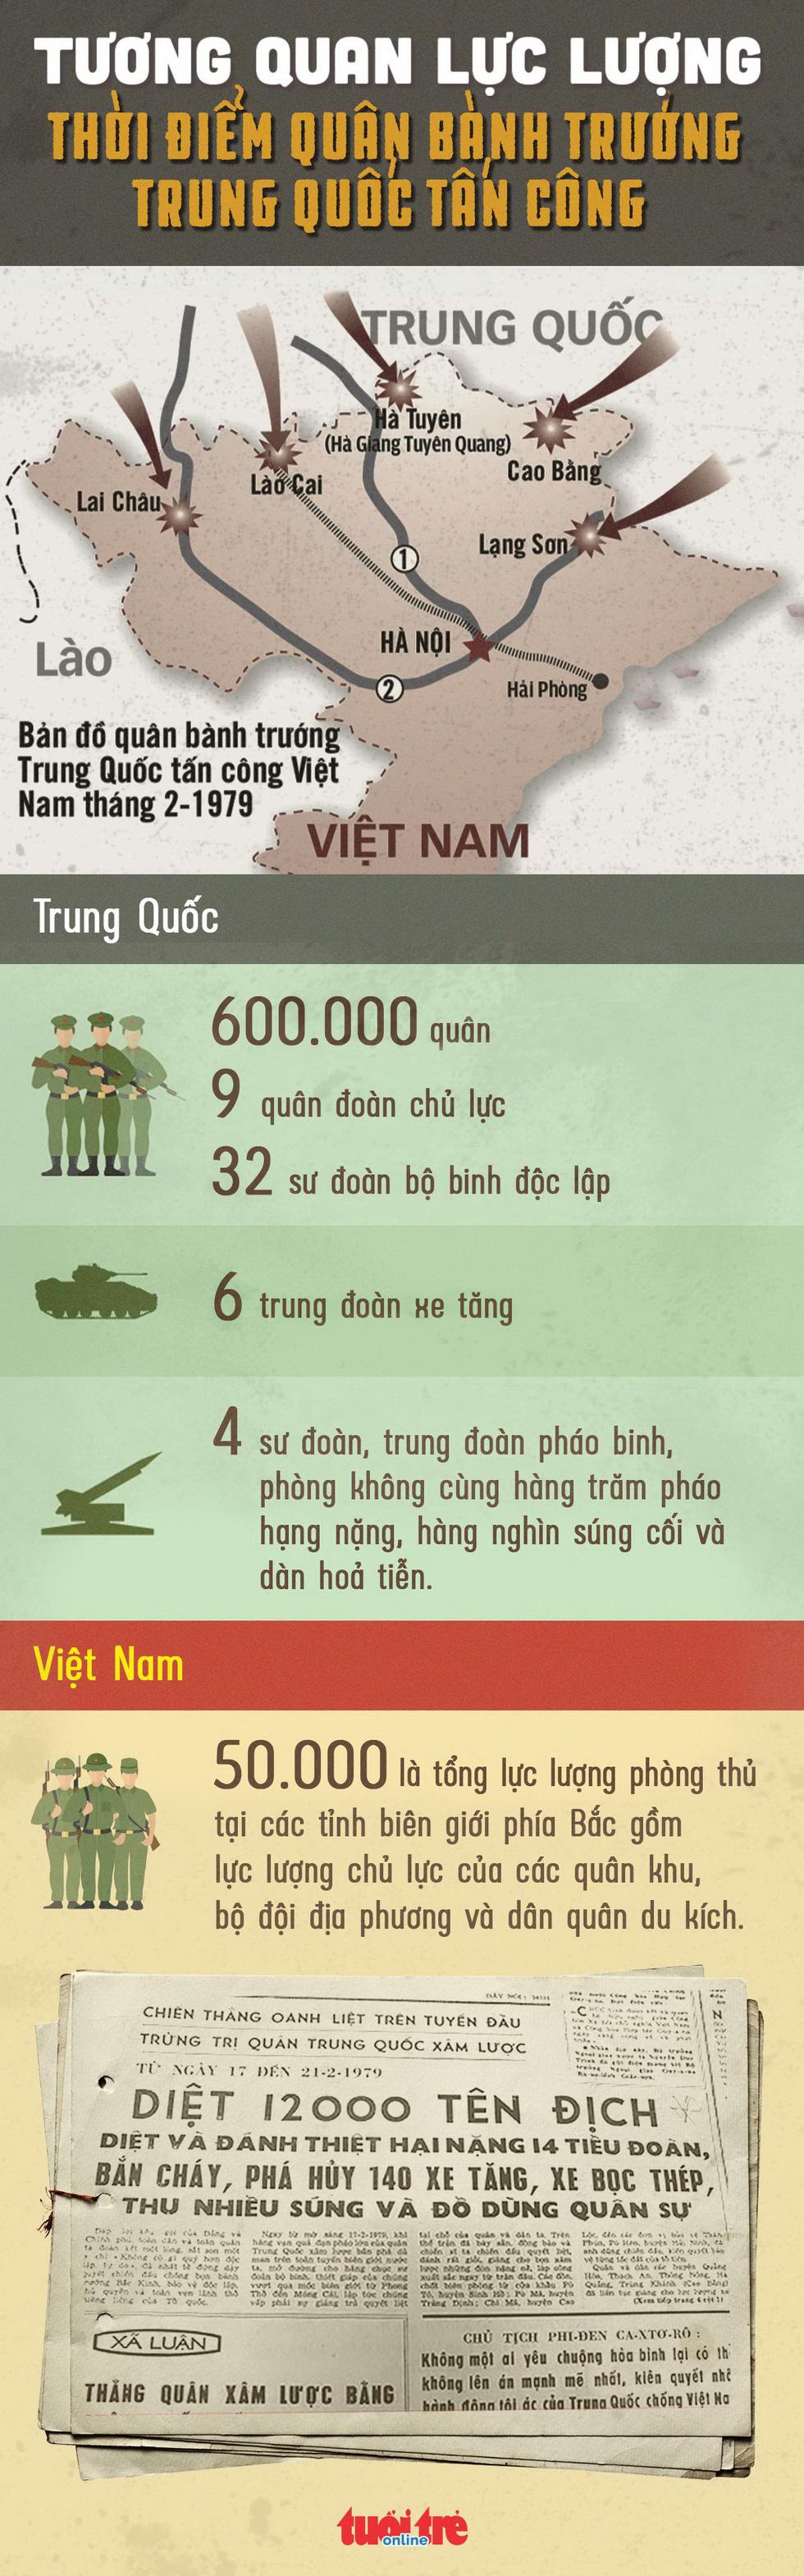 Tương quan lực lượng thời điểm quân bành trướng Trung Quốc tấn công Việt Nam - Ảnh 1.